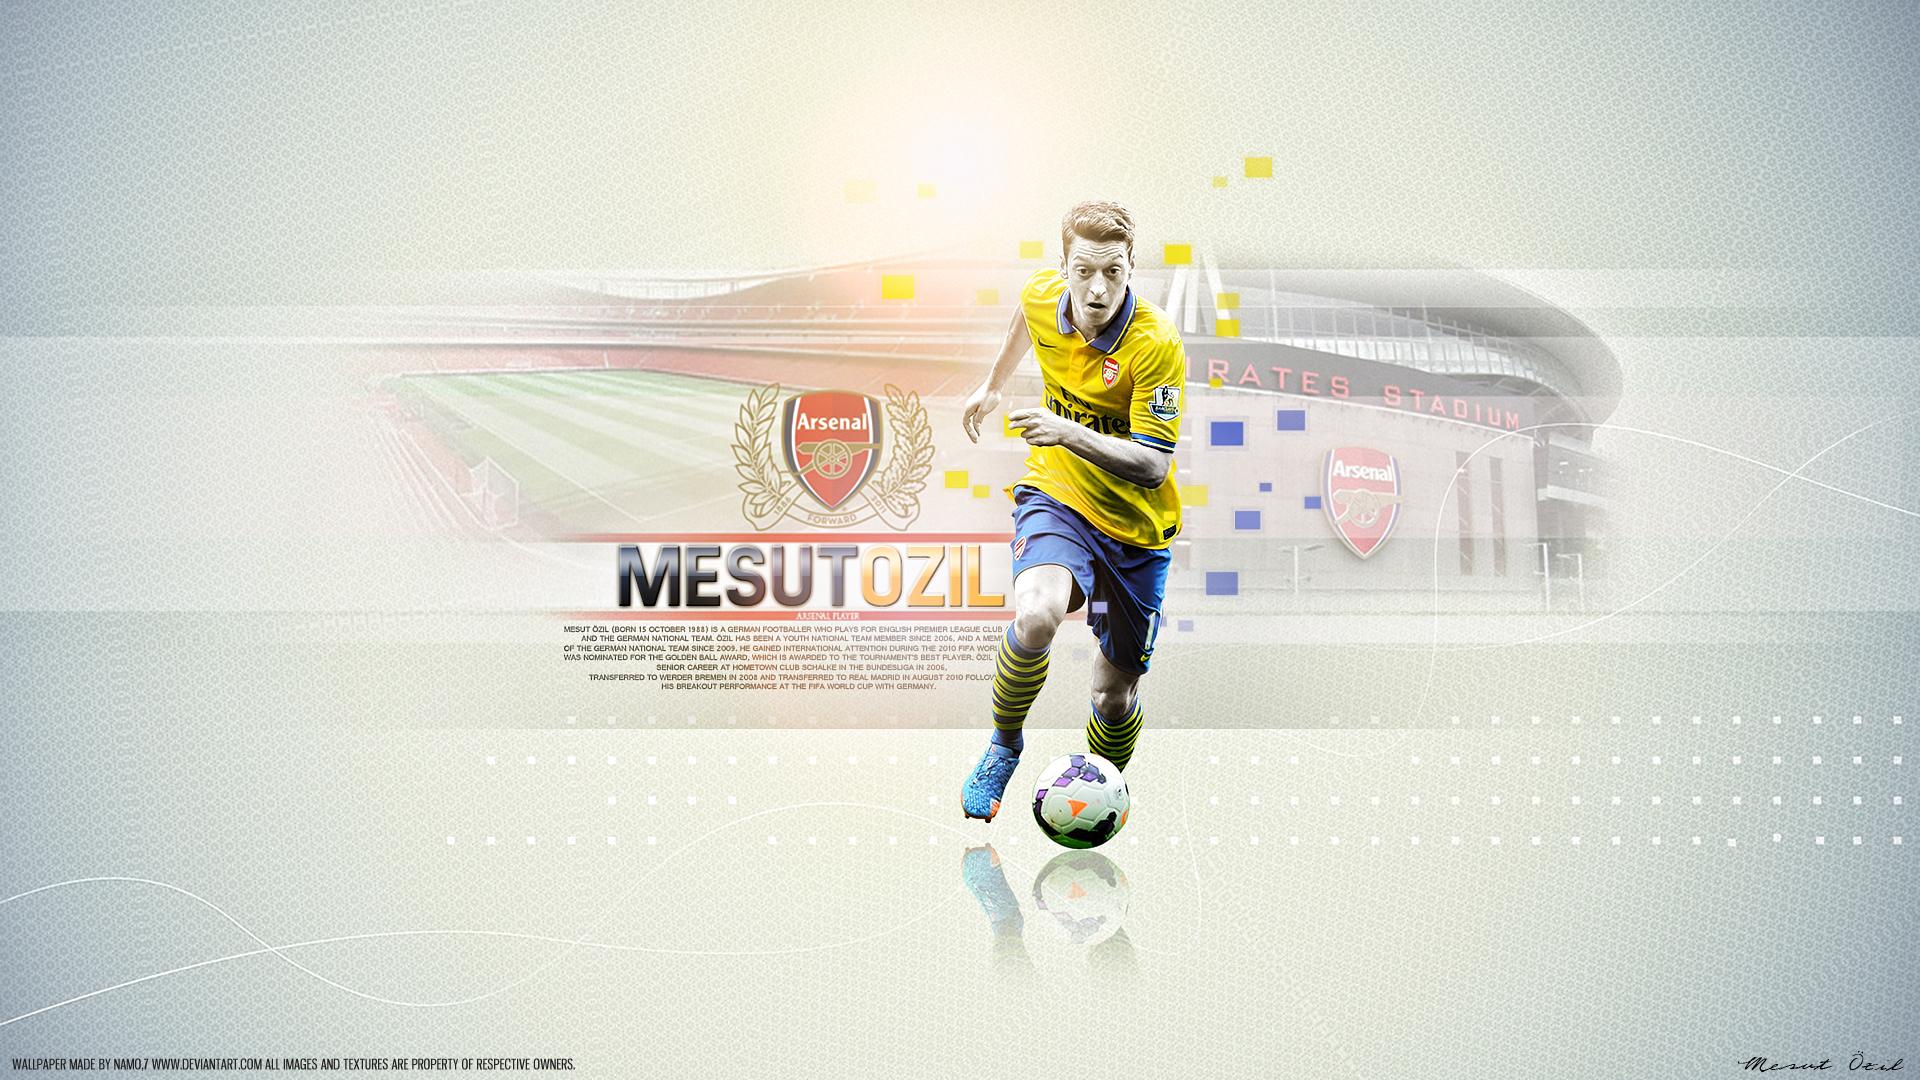 Mesut zil 11 Arsenal by namo7 by 445578gfx 1920x1080